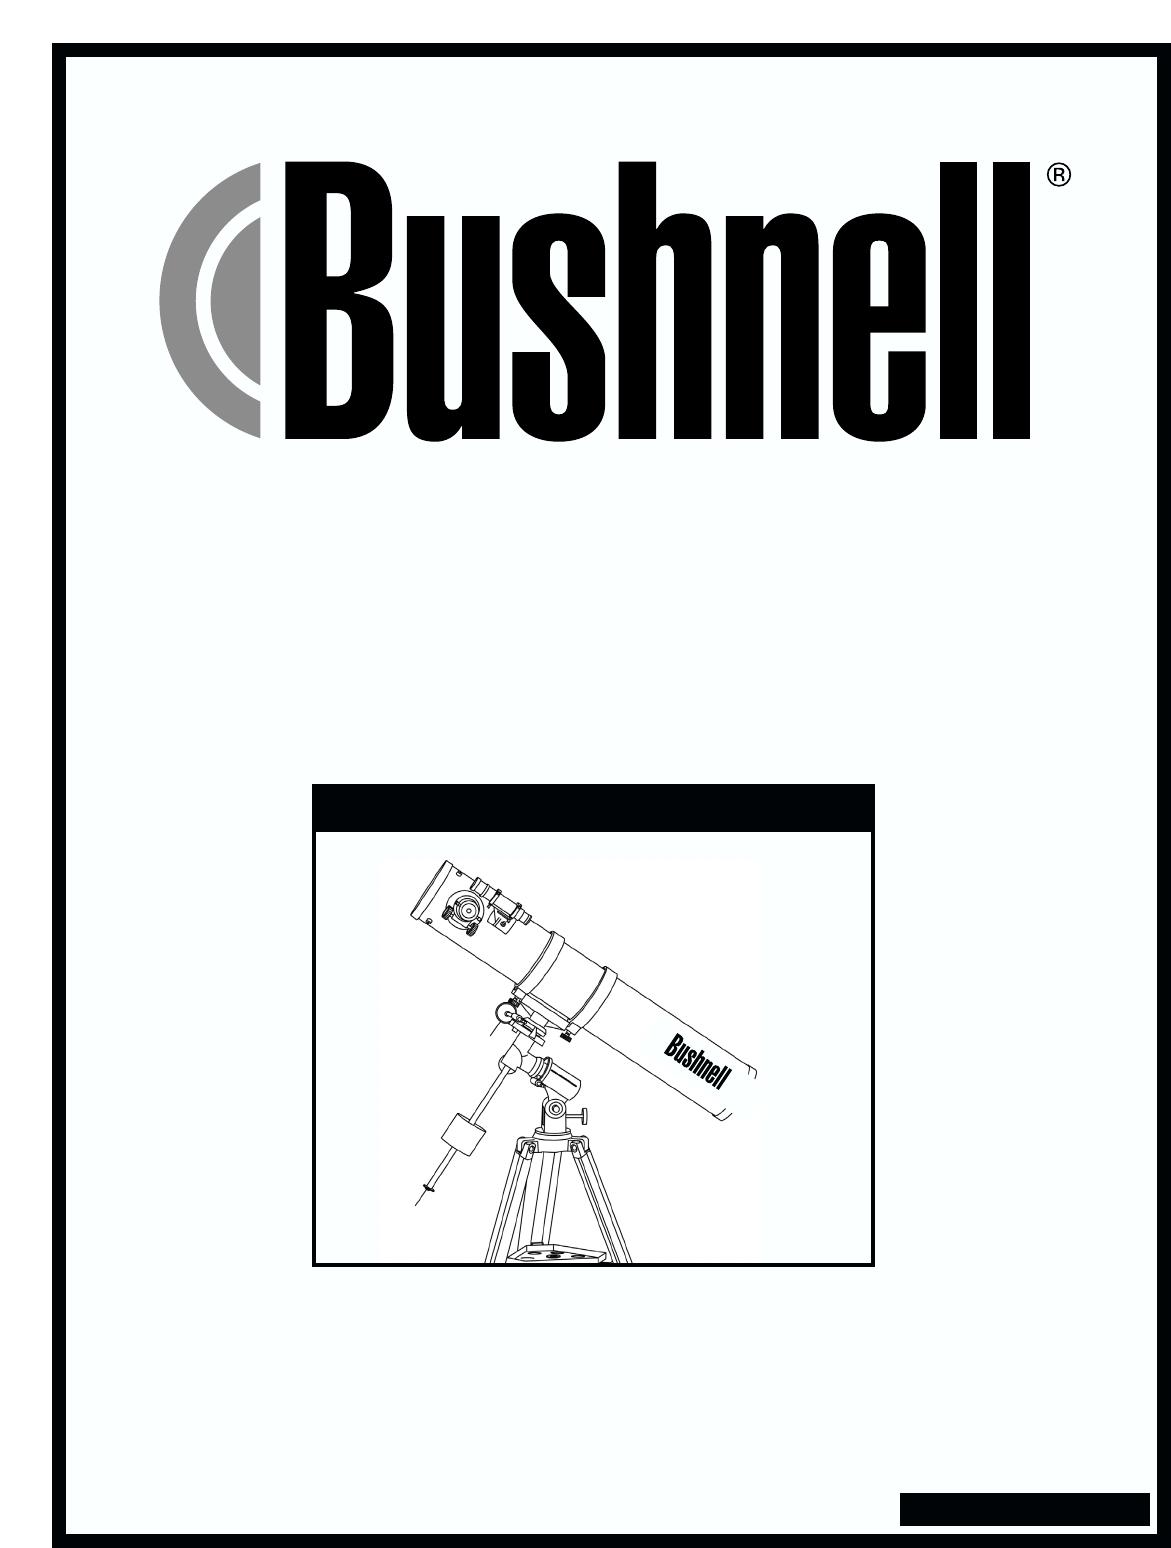 bushnell telescope 78 4501 user guide manualsonline com rh tv manualsonline com bushnell user guide bushnell user guide